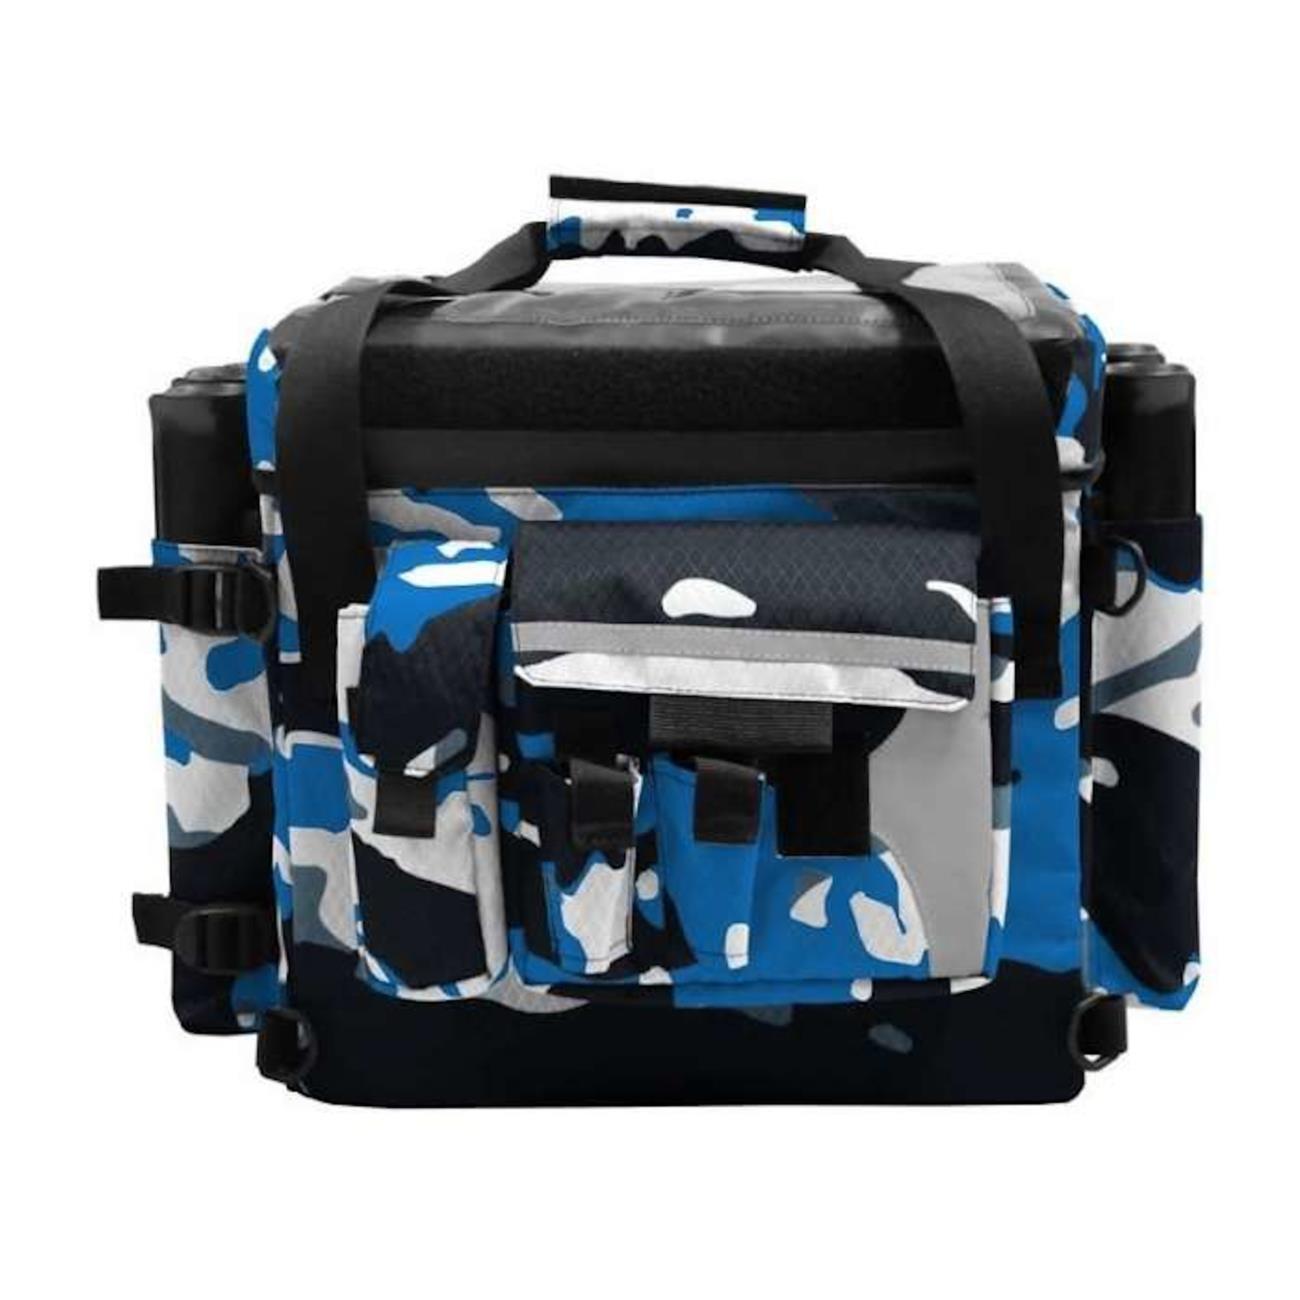 https://feelfreekayak.eu/928-small_default/crate-bag-blue-camo.jpg